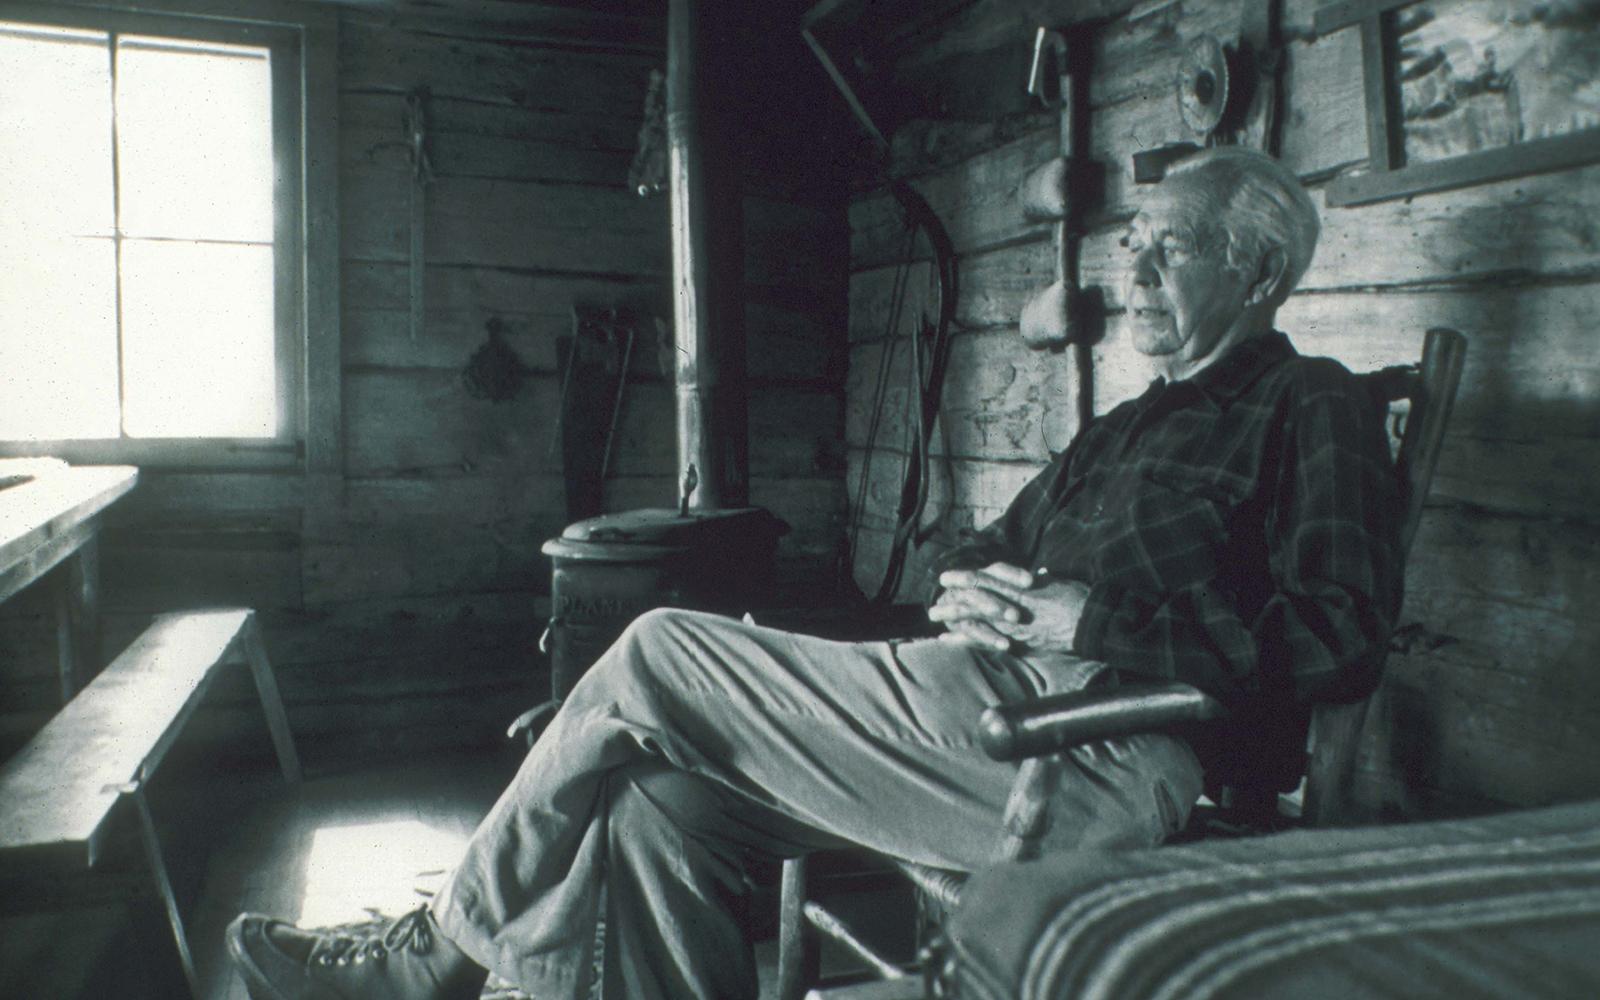 Sigurd Olson sitting on a porch